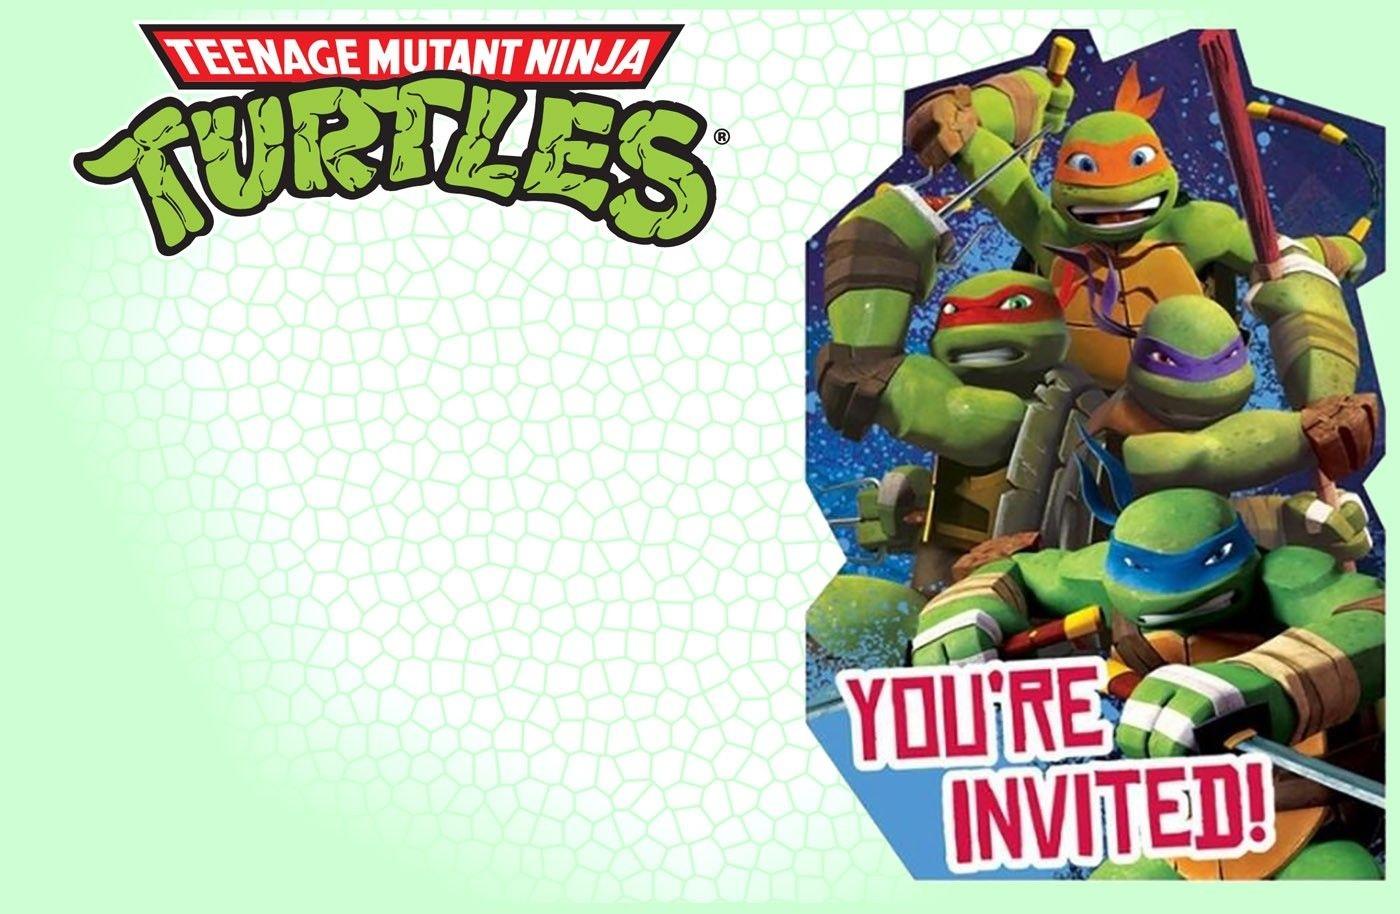 Editable Ninja Turtle Invitation Template | Tkb Printables In 2019 - Free Printable Ninja Turtle Birthday Invitations